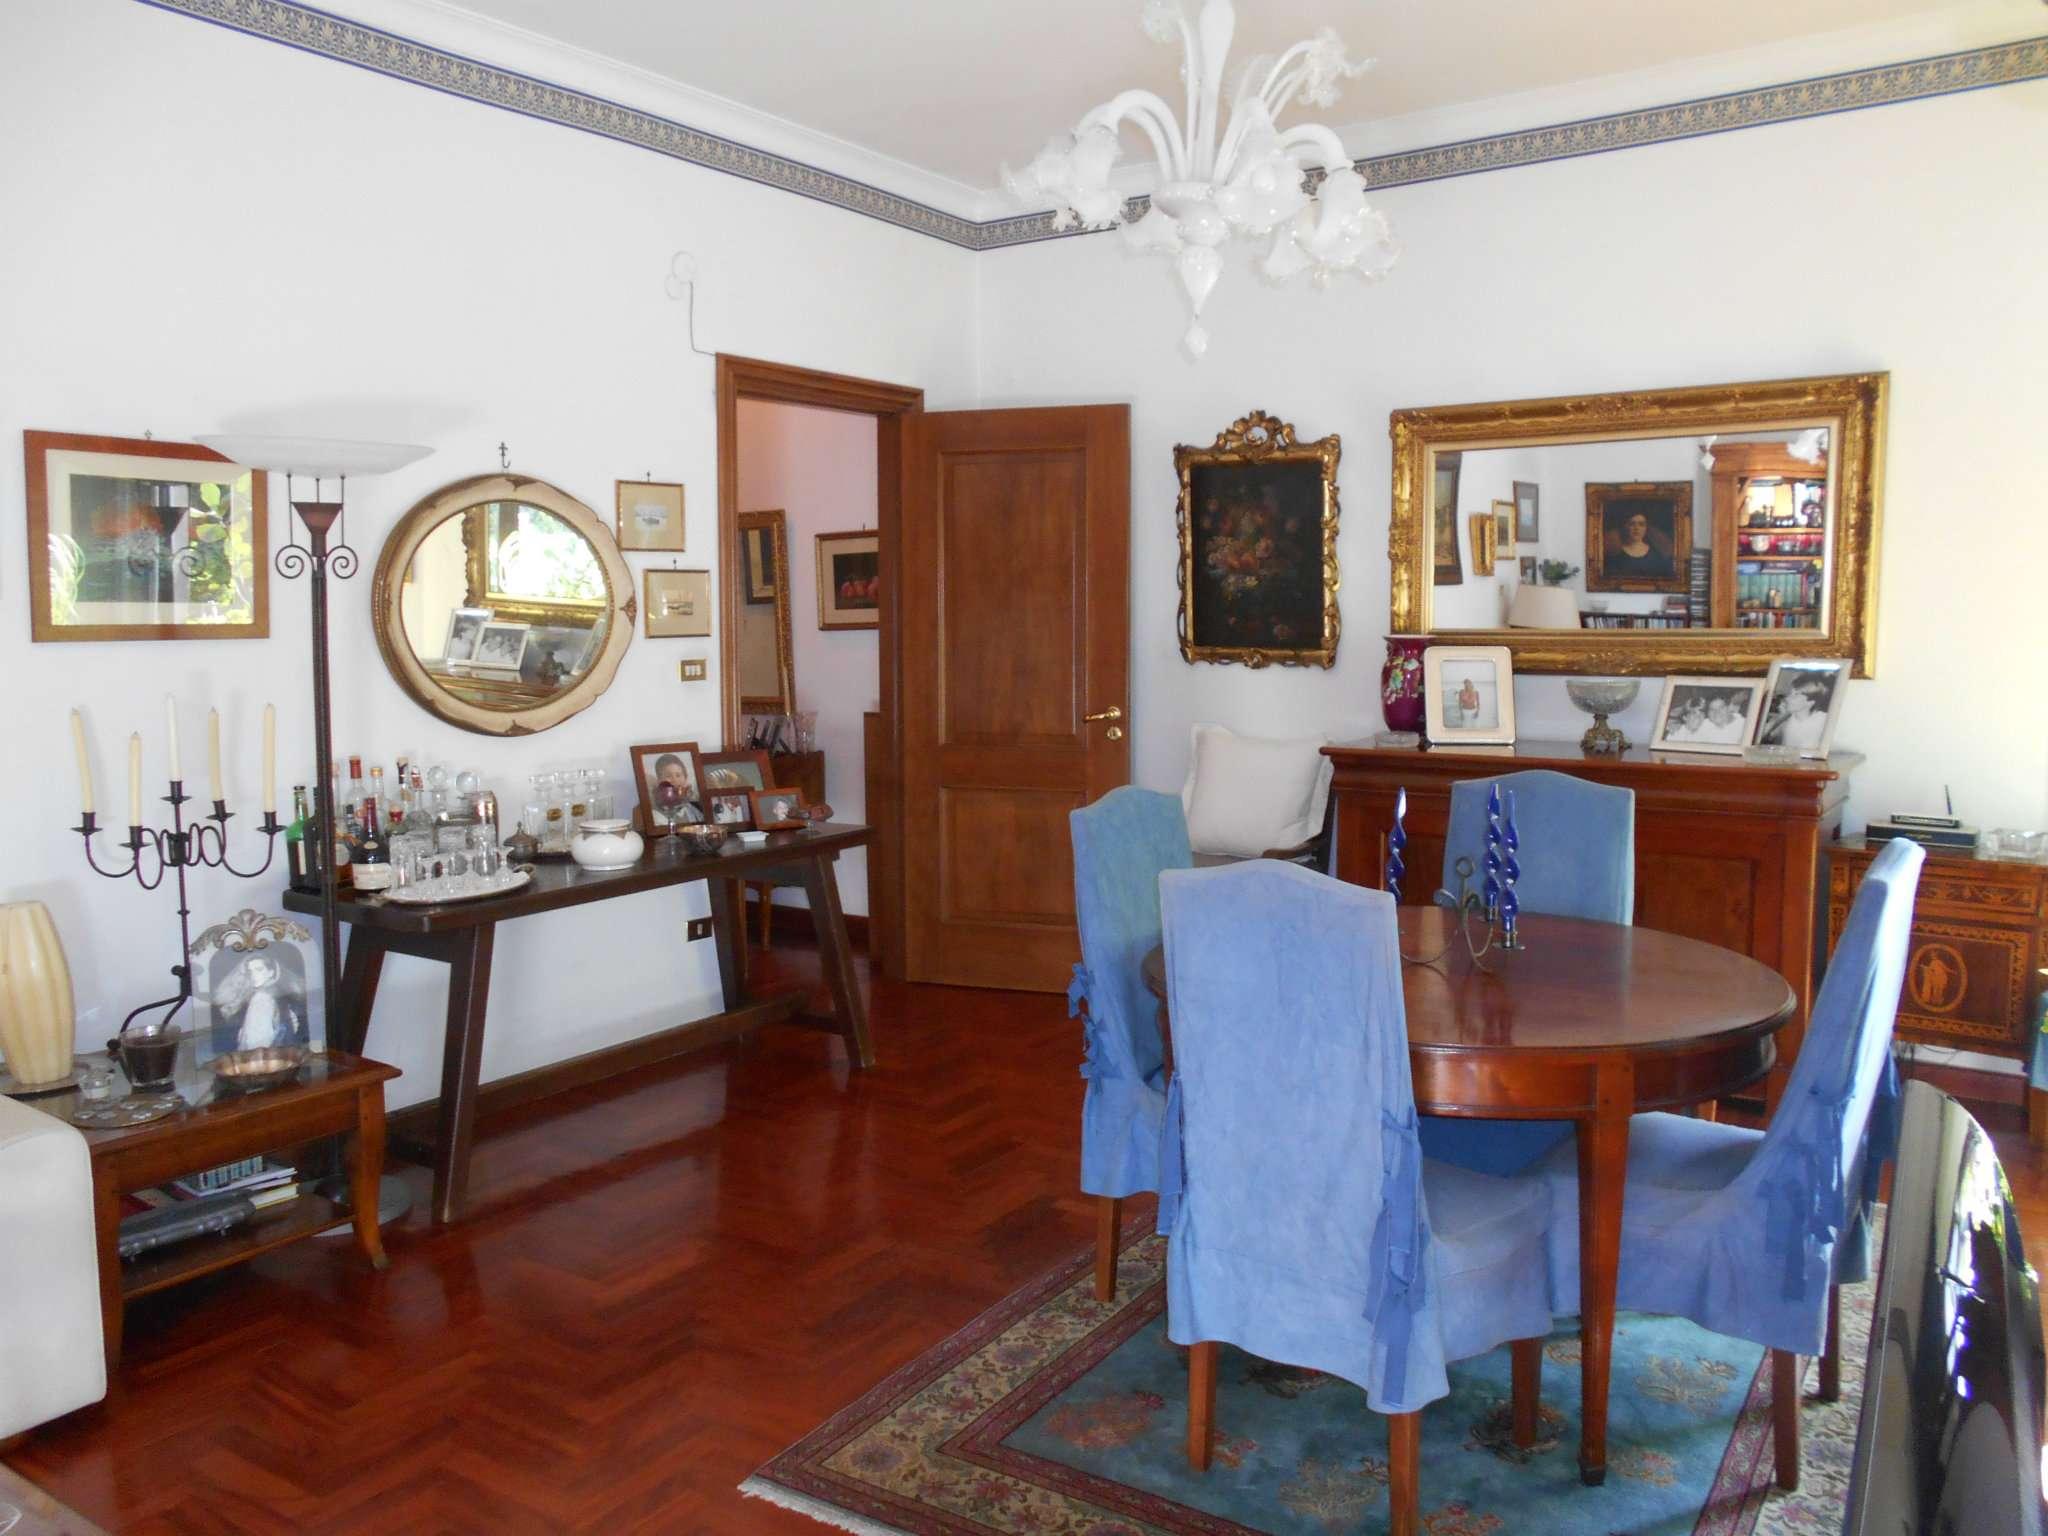 Cerco appartamento con cucina abitabile a napoli pag 37 - Cerco cucina usata napoli ...